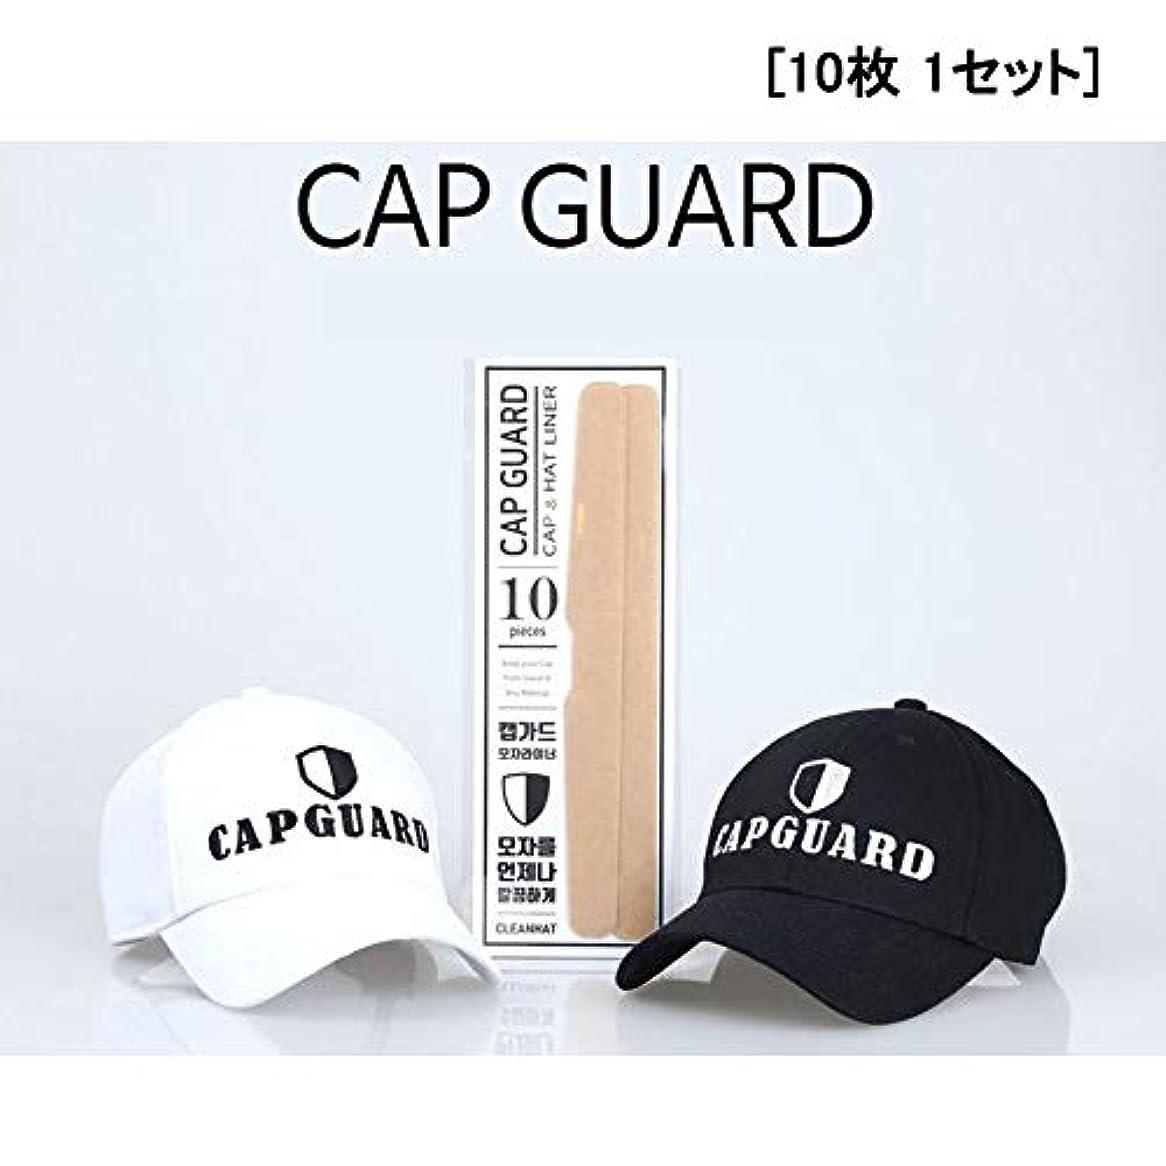 可動式厄介なジャグリング【クリーンキャップ]帽子汗吸収パッド/接着良く、より長く良いCAP GUARD 10枚 1SET /280 X30jmm(4g)/汗の吸収力も優れた帽子ライナー[並行輸入品] (10枚 1セット)